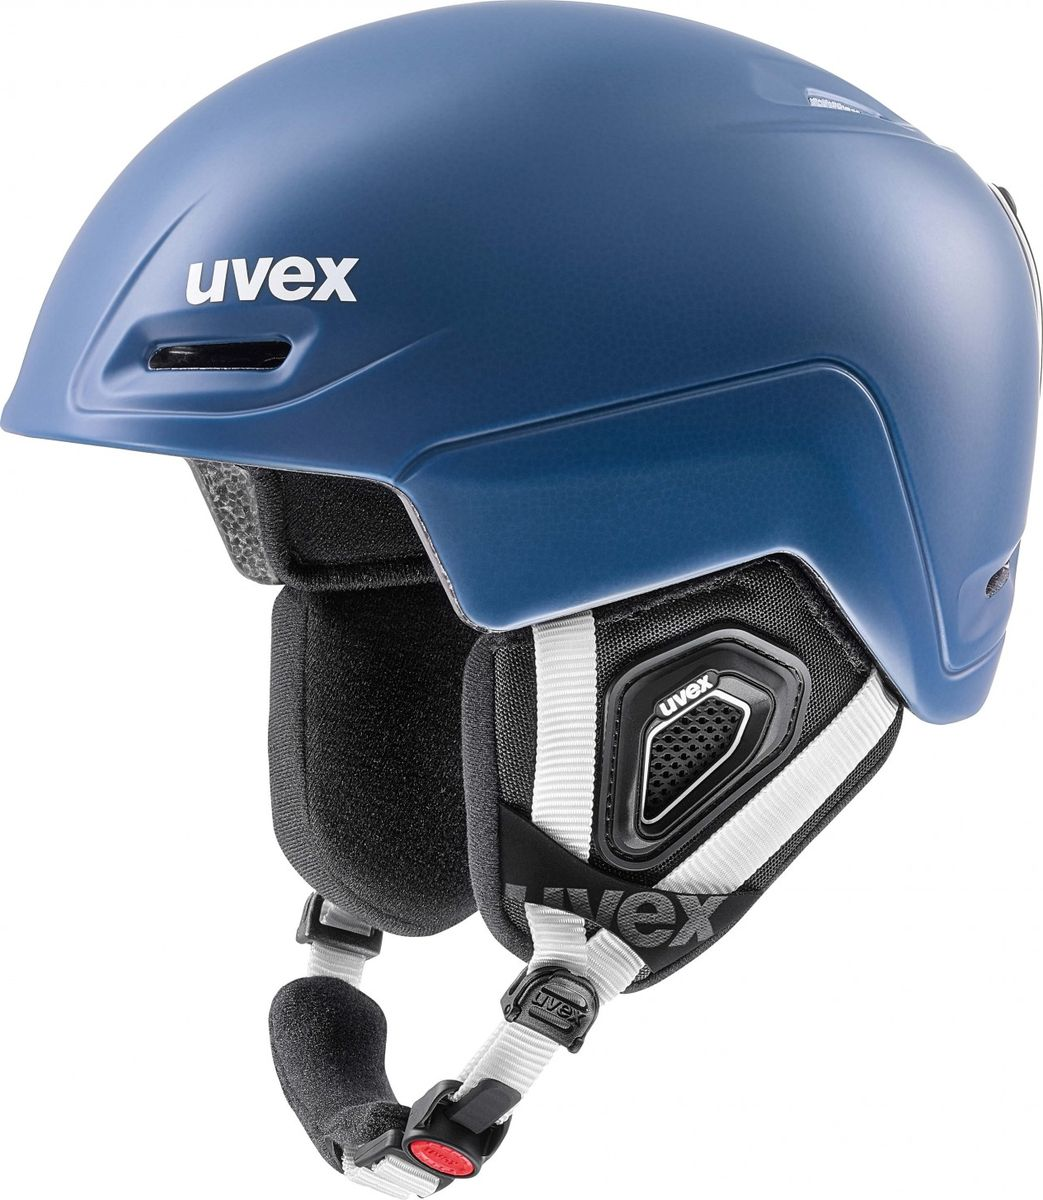 Шлем горнолыжный Uvex Jimm Helmet, цвет: синий матовый. Размер S